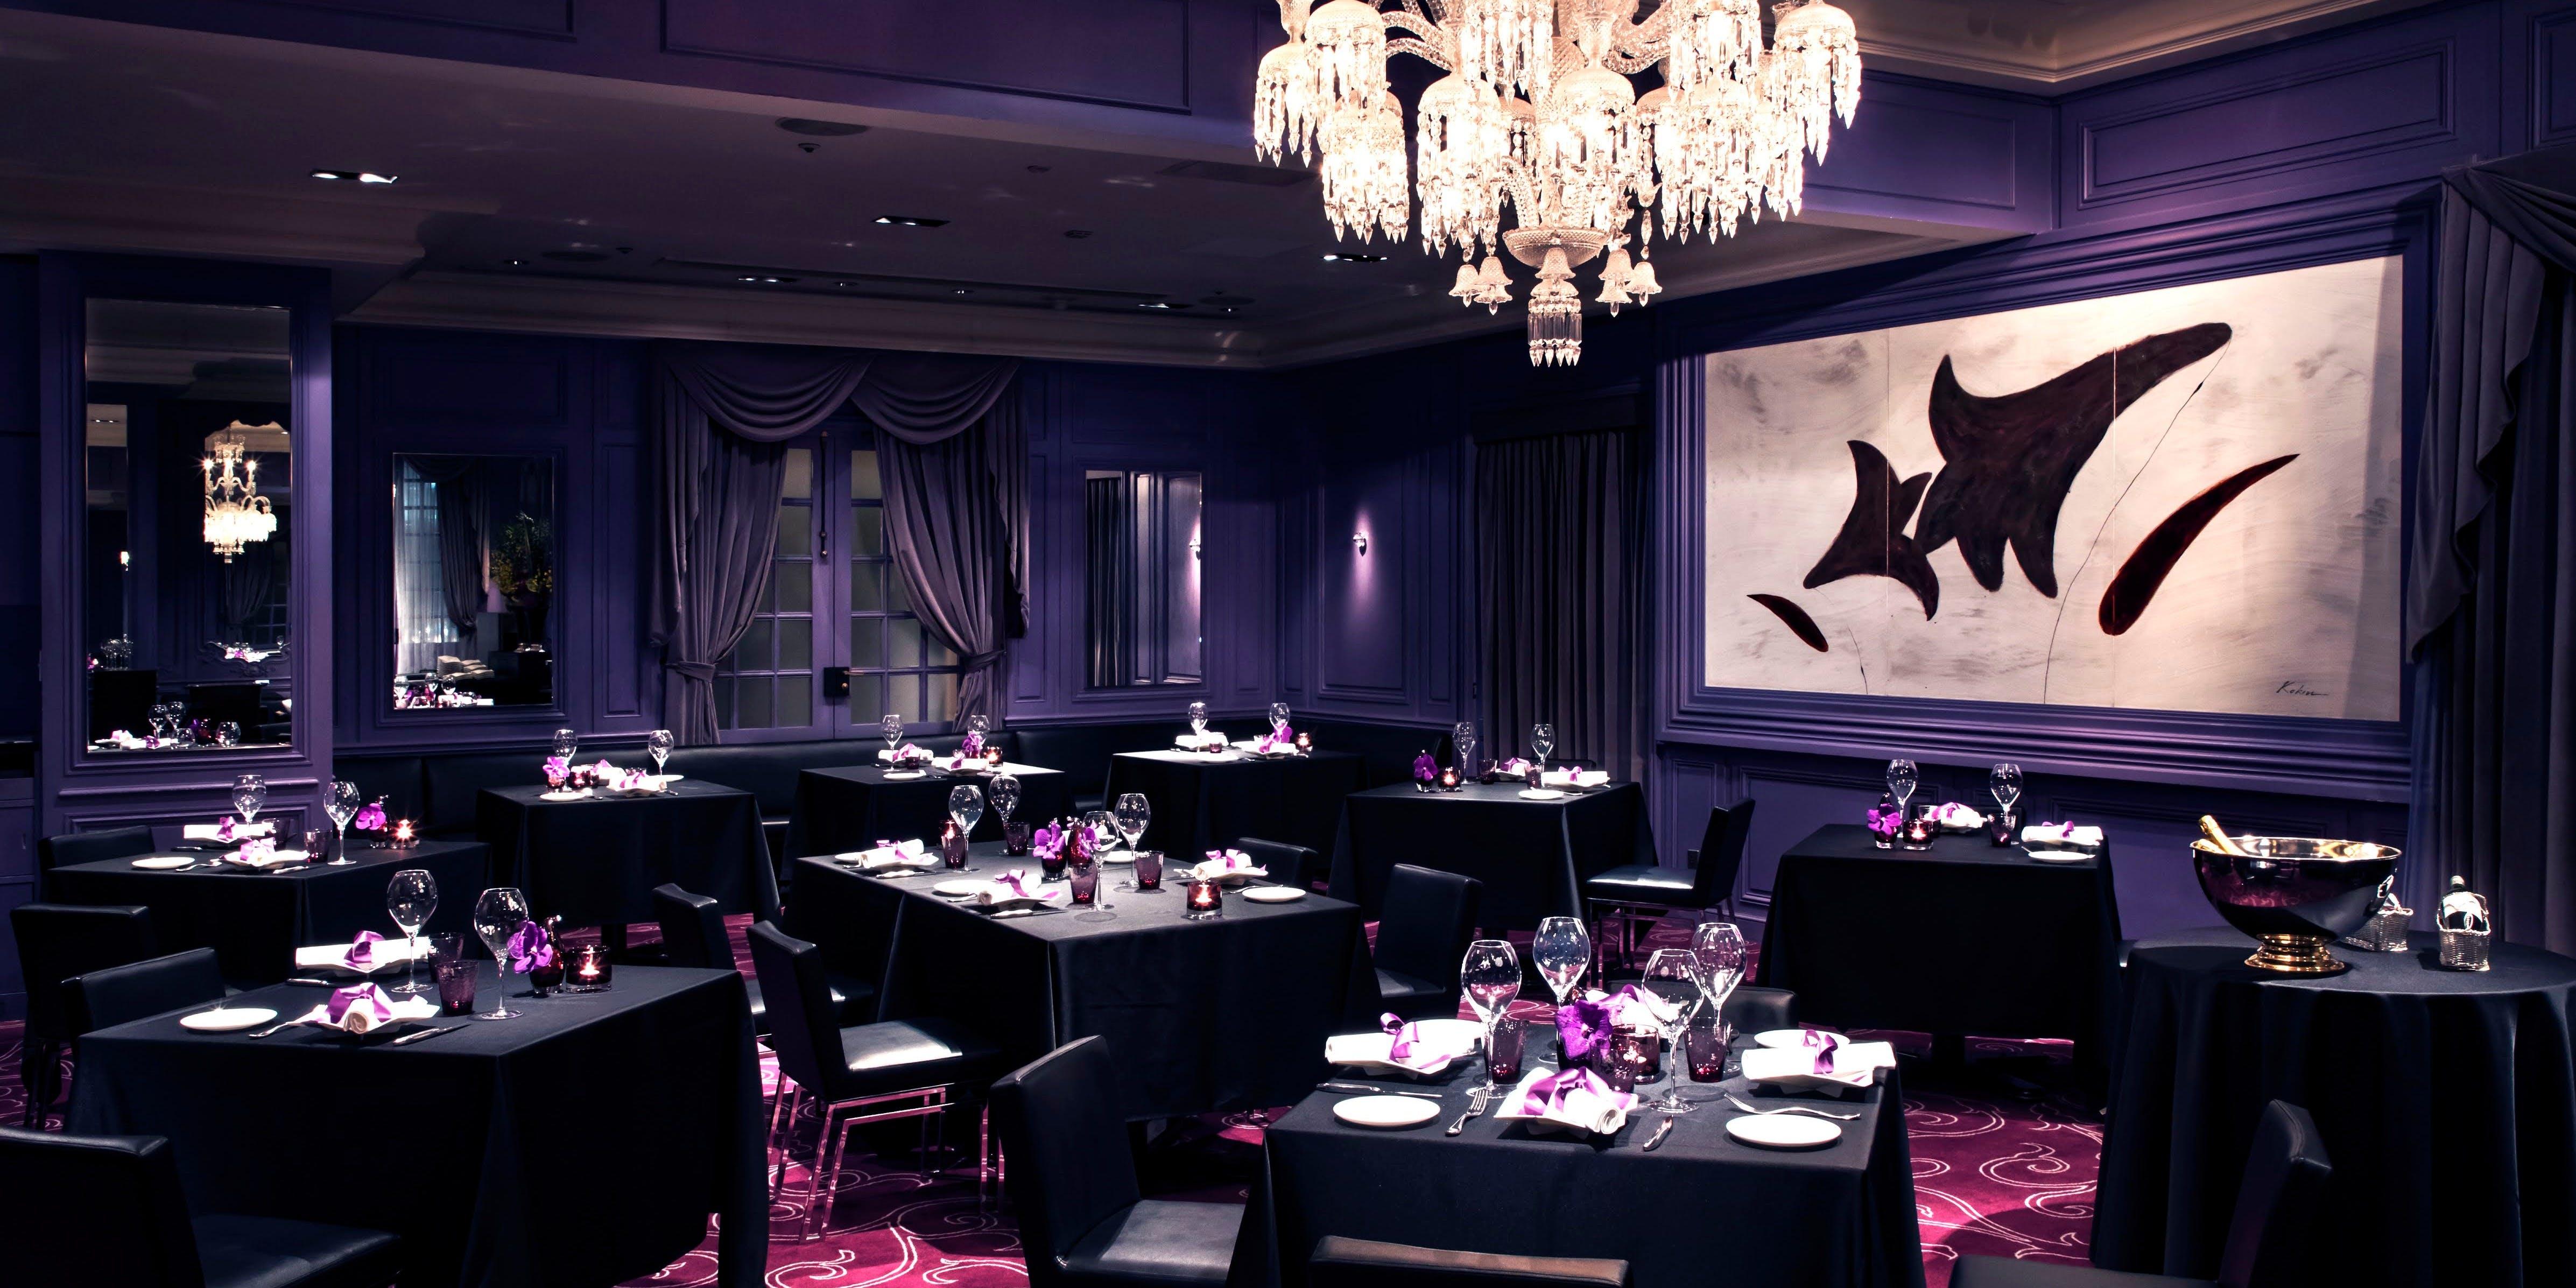 記念日におすすめのレストラン・ラ ターブル ドゥ ジョエル・ロブションの写真1